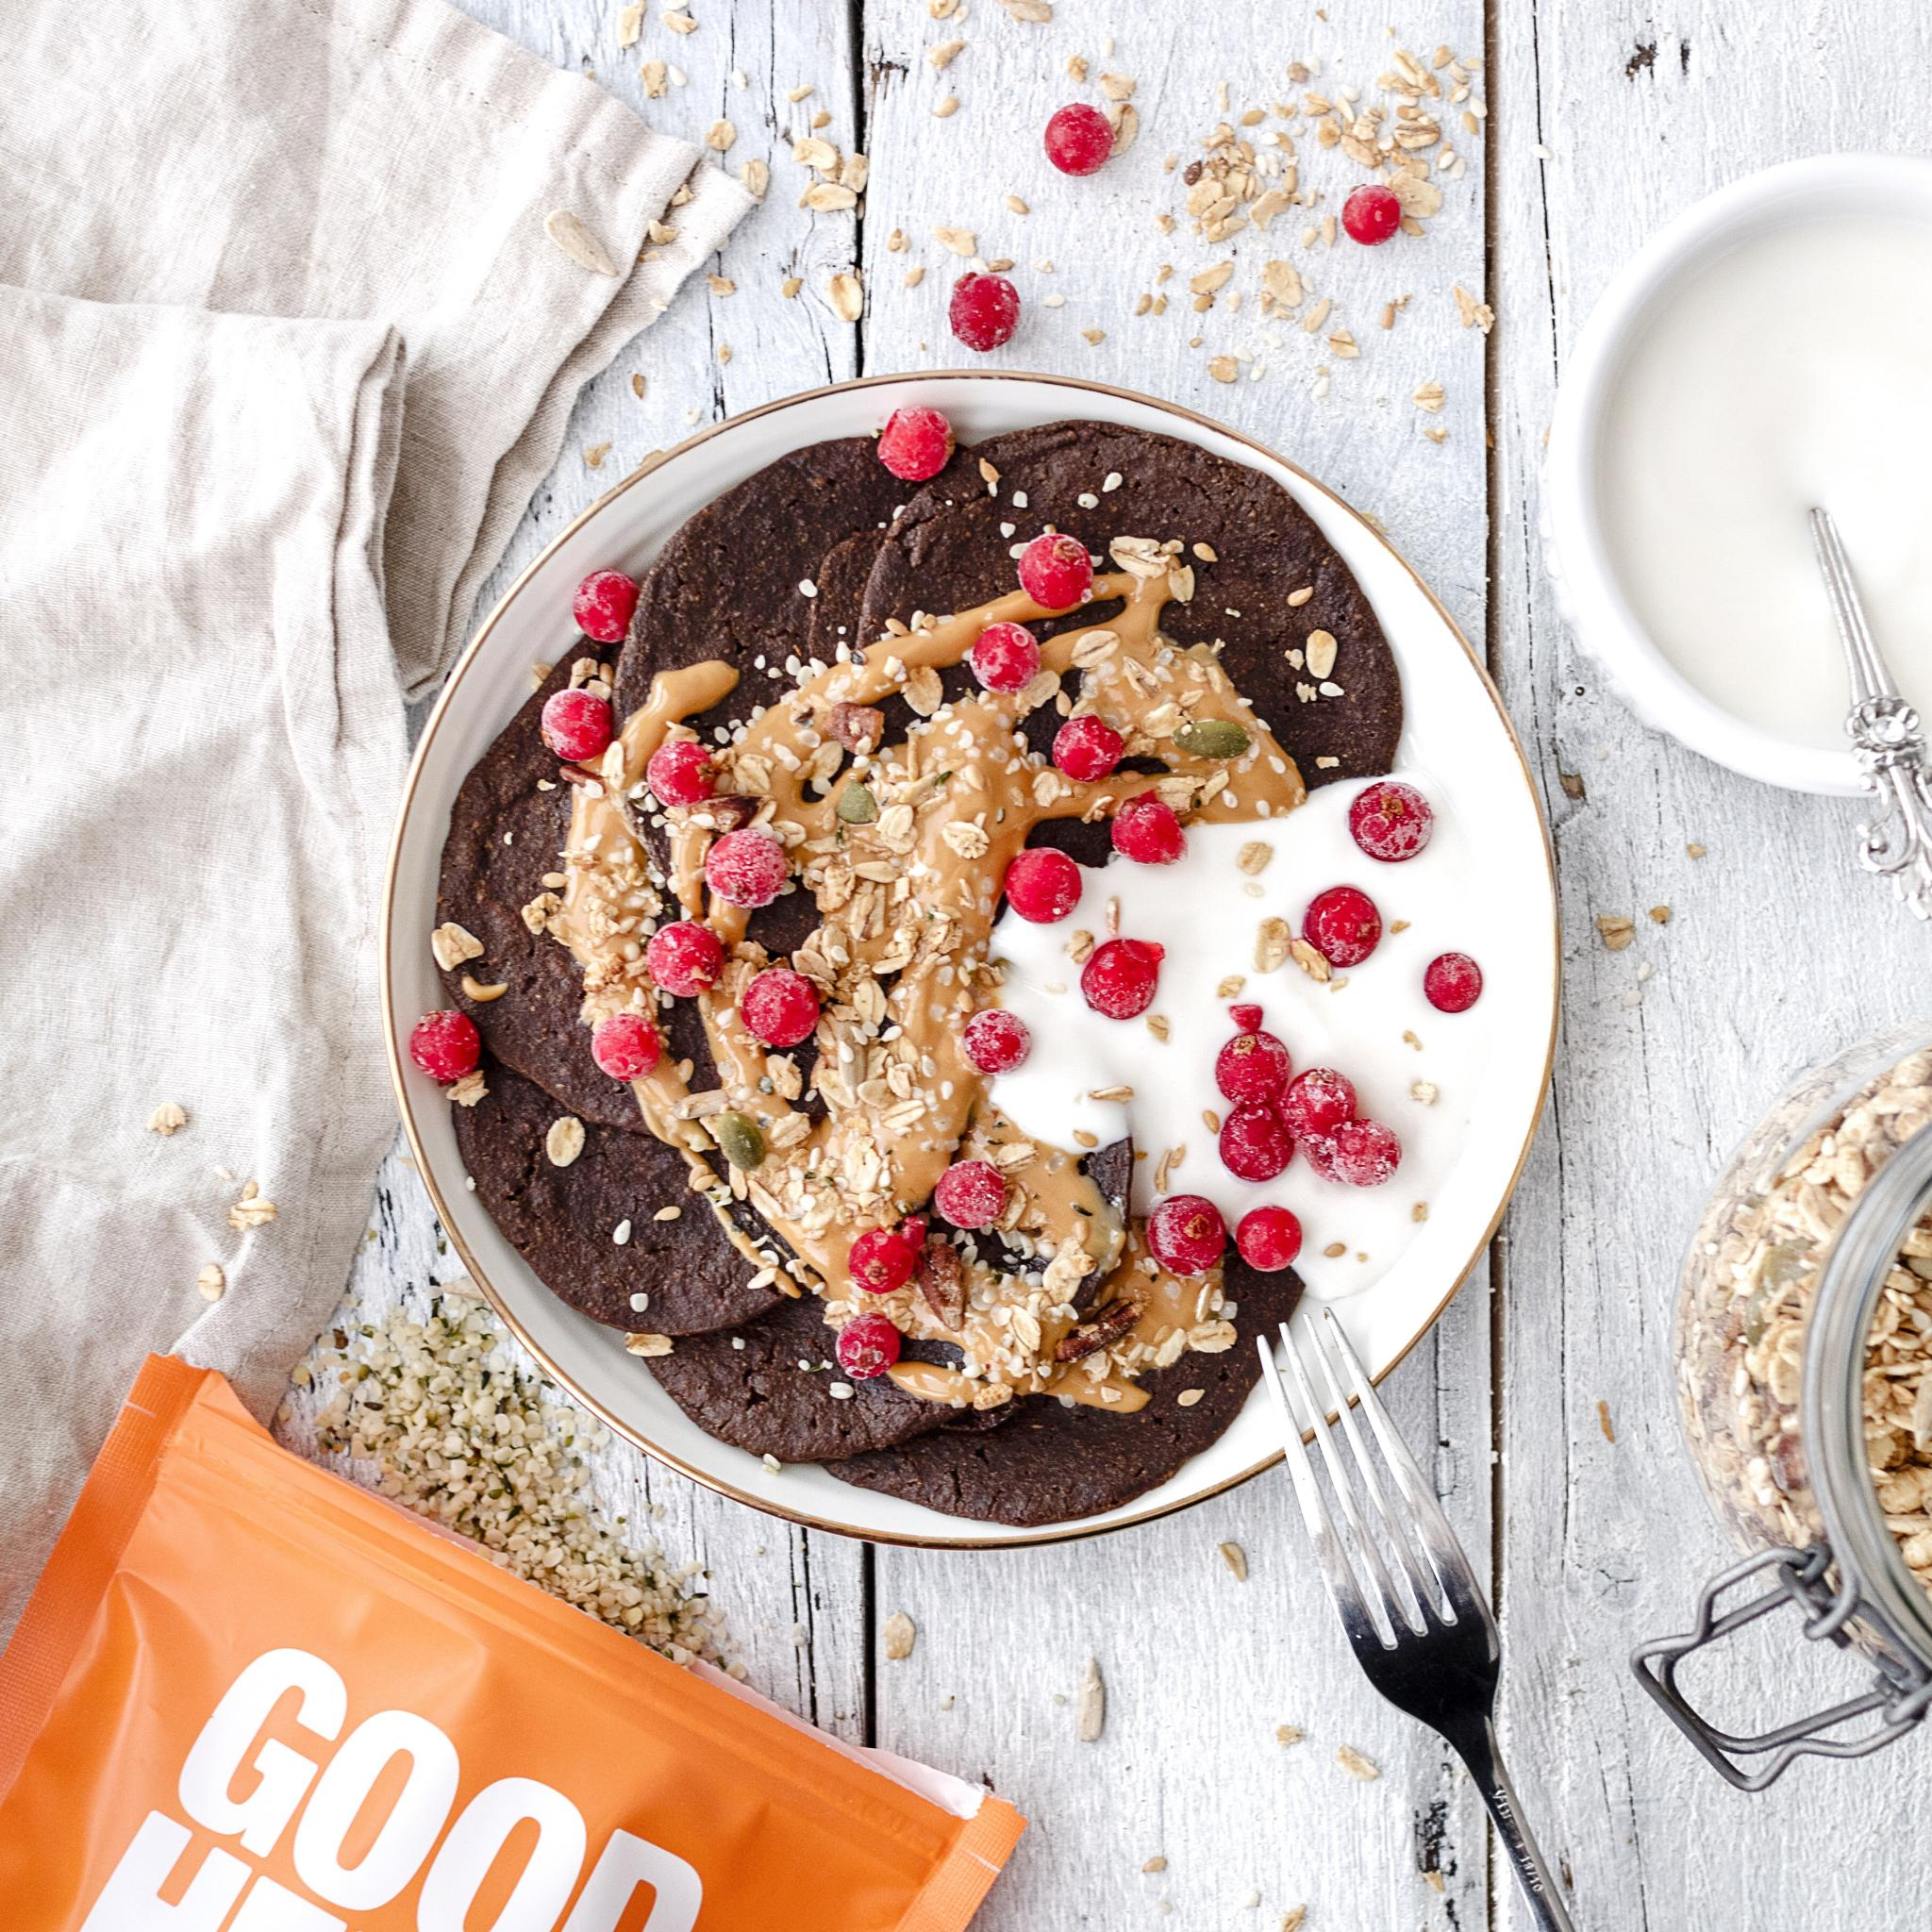 Chocolate Hemp Pancakes Recipe (Vegan)